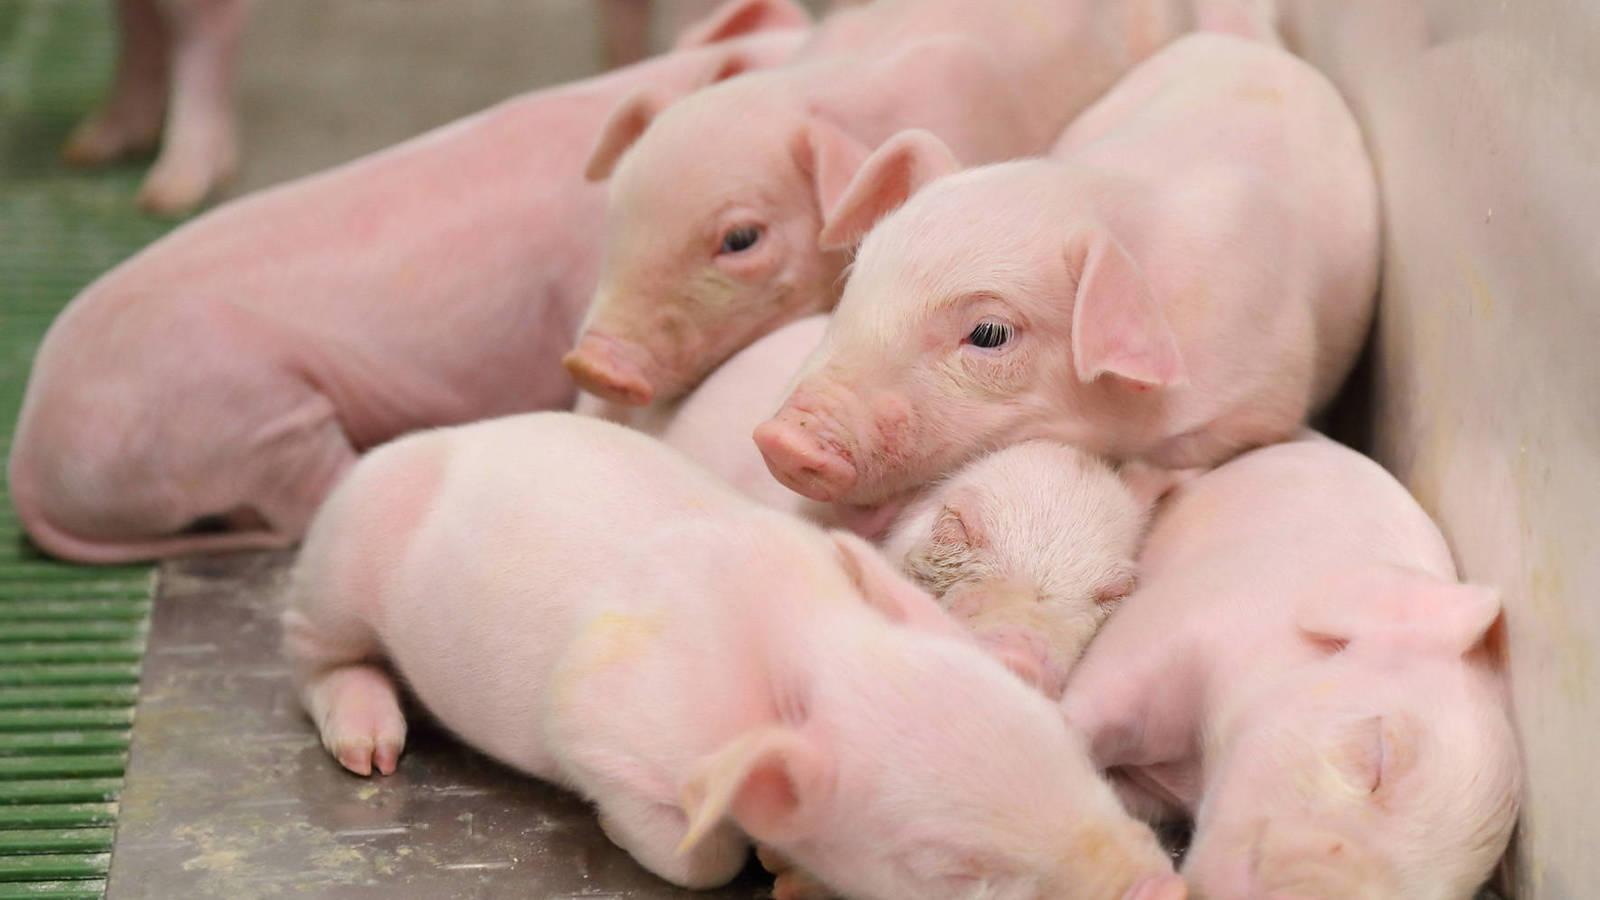 Aseguran no subir precio del cerdo en Honduras